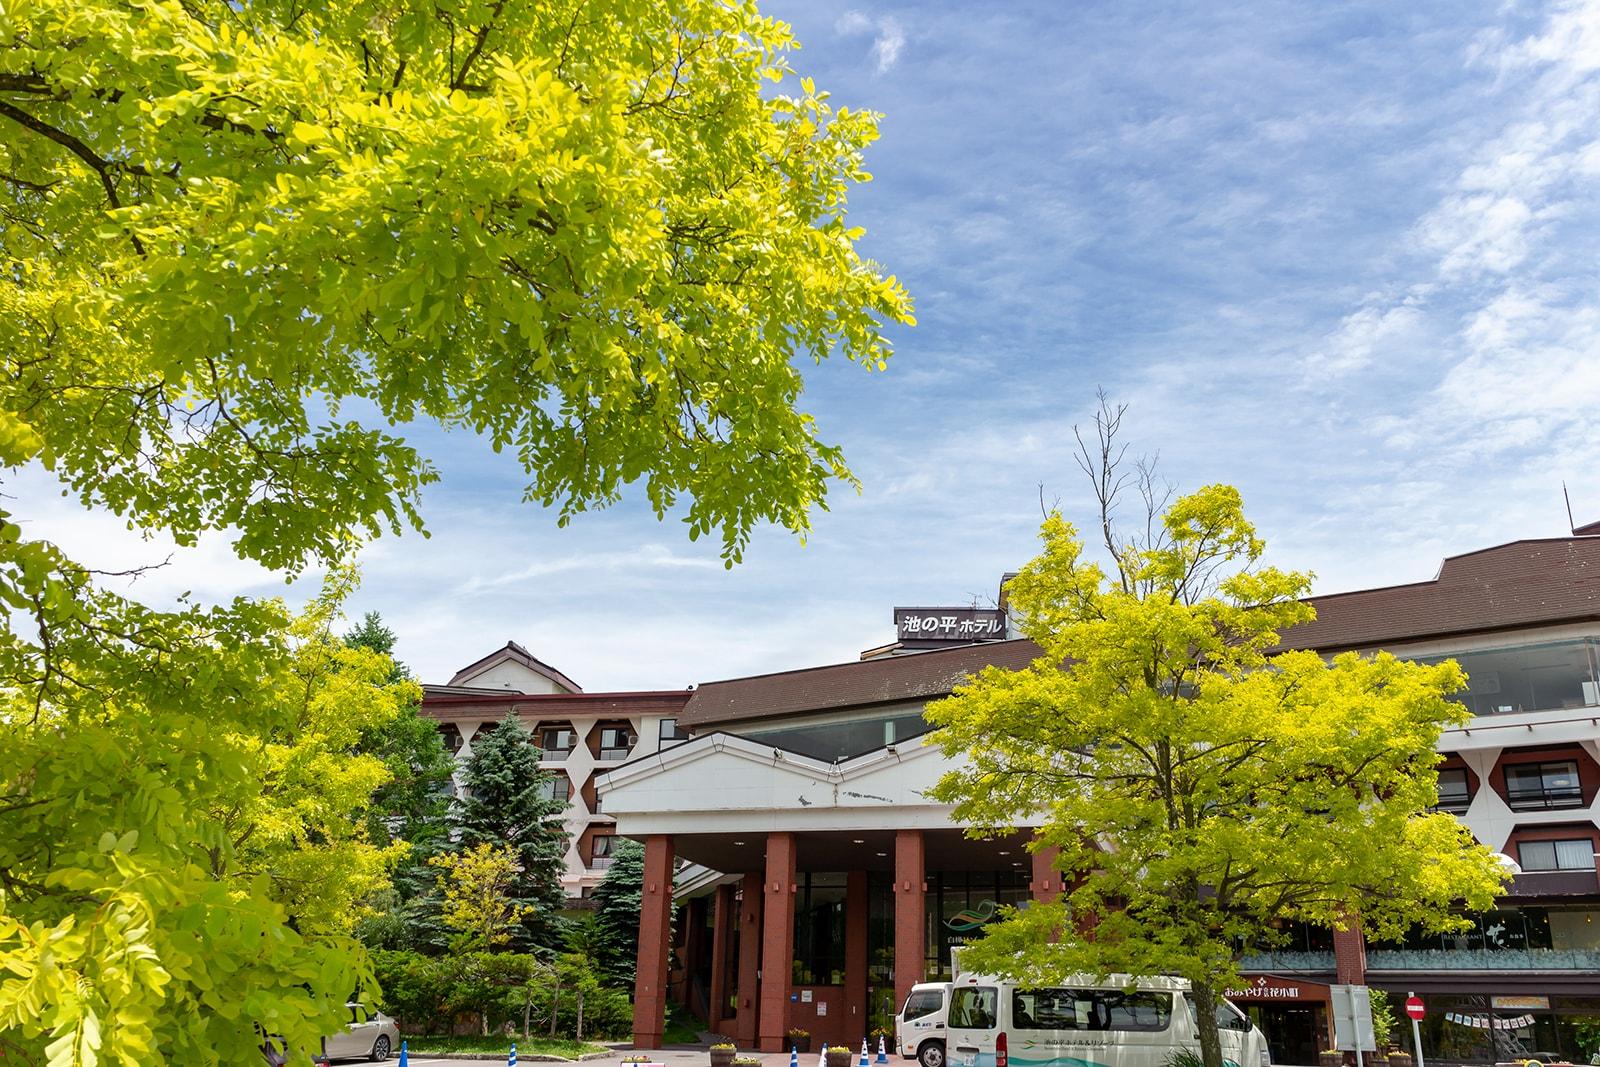 黄金色のアカシアに彩られた白樺リゾート池の平ホテル